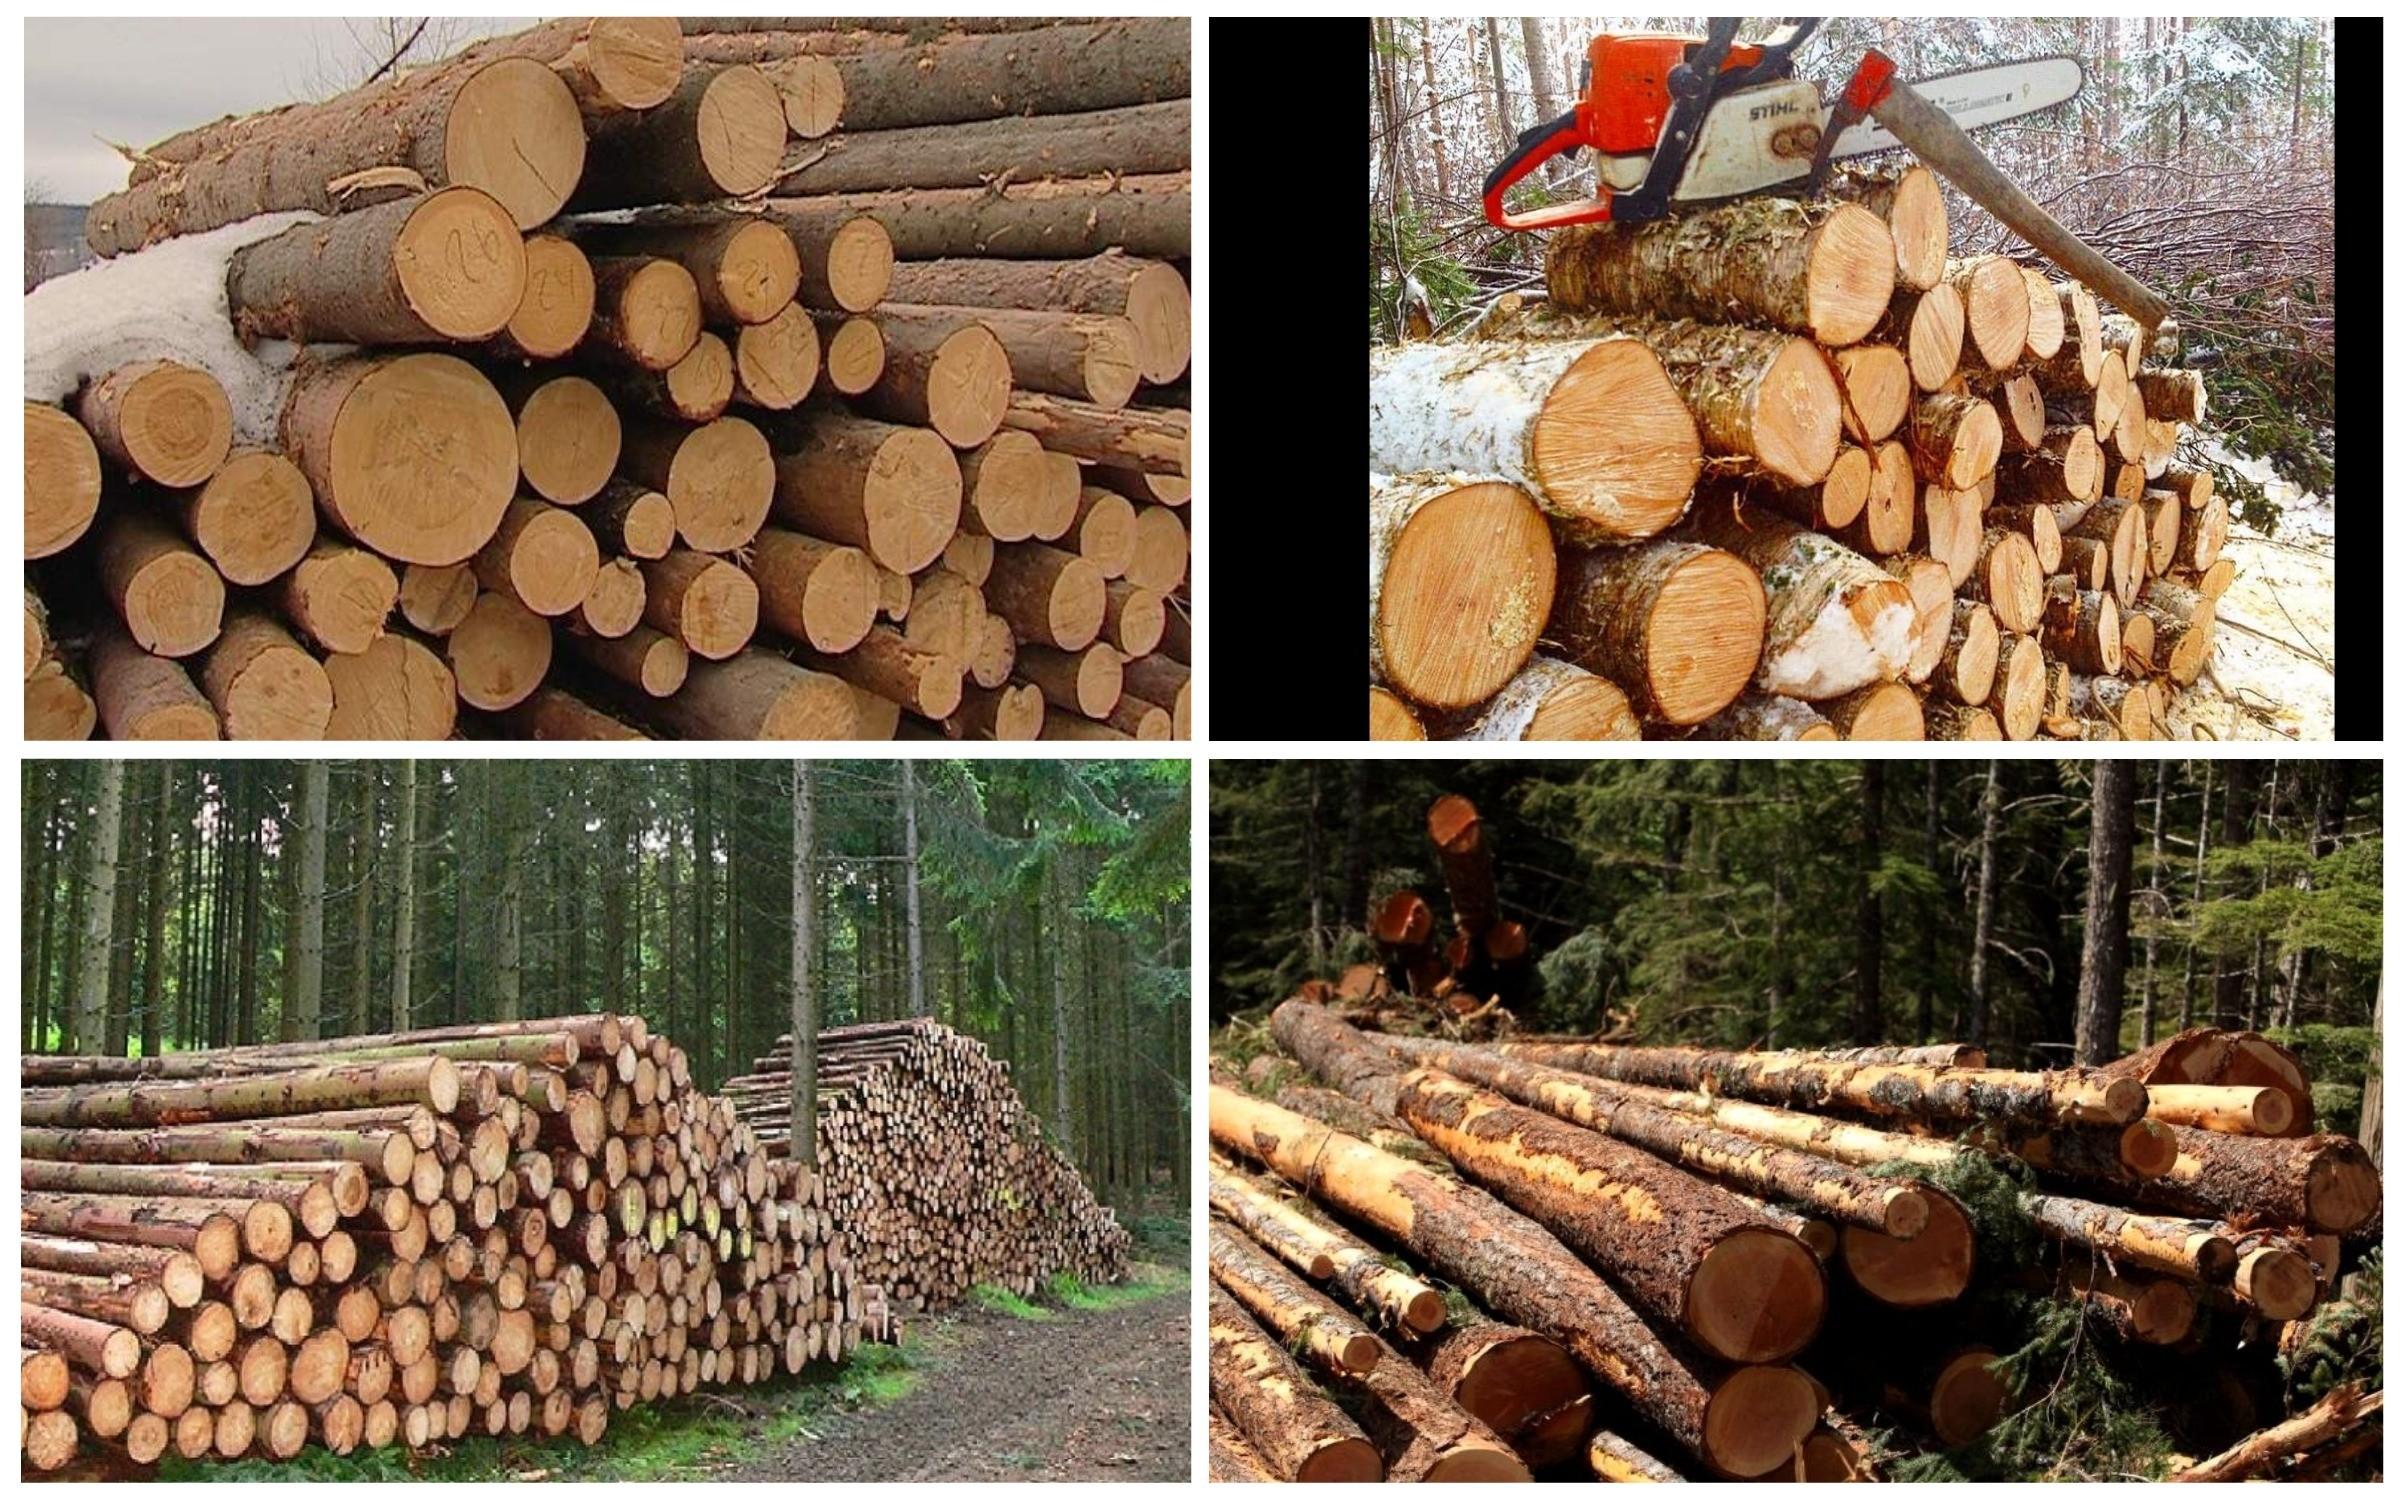 изображение заготовки деревьев в лесу